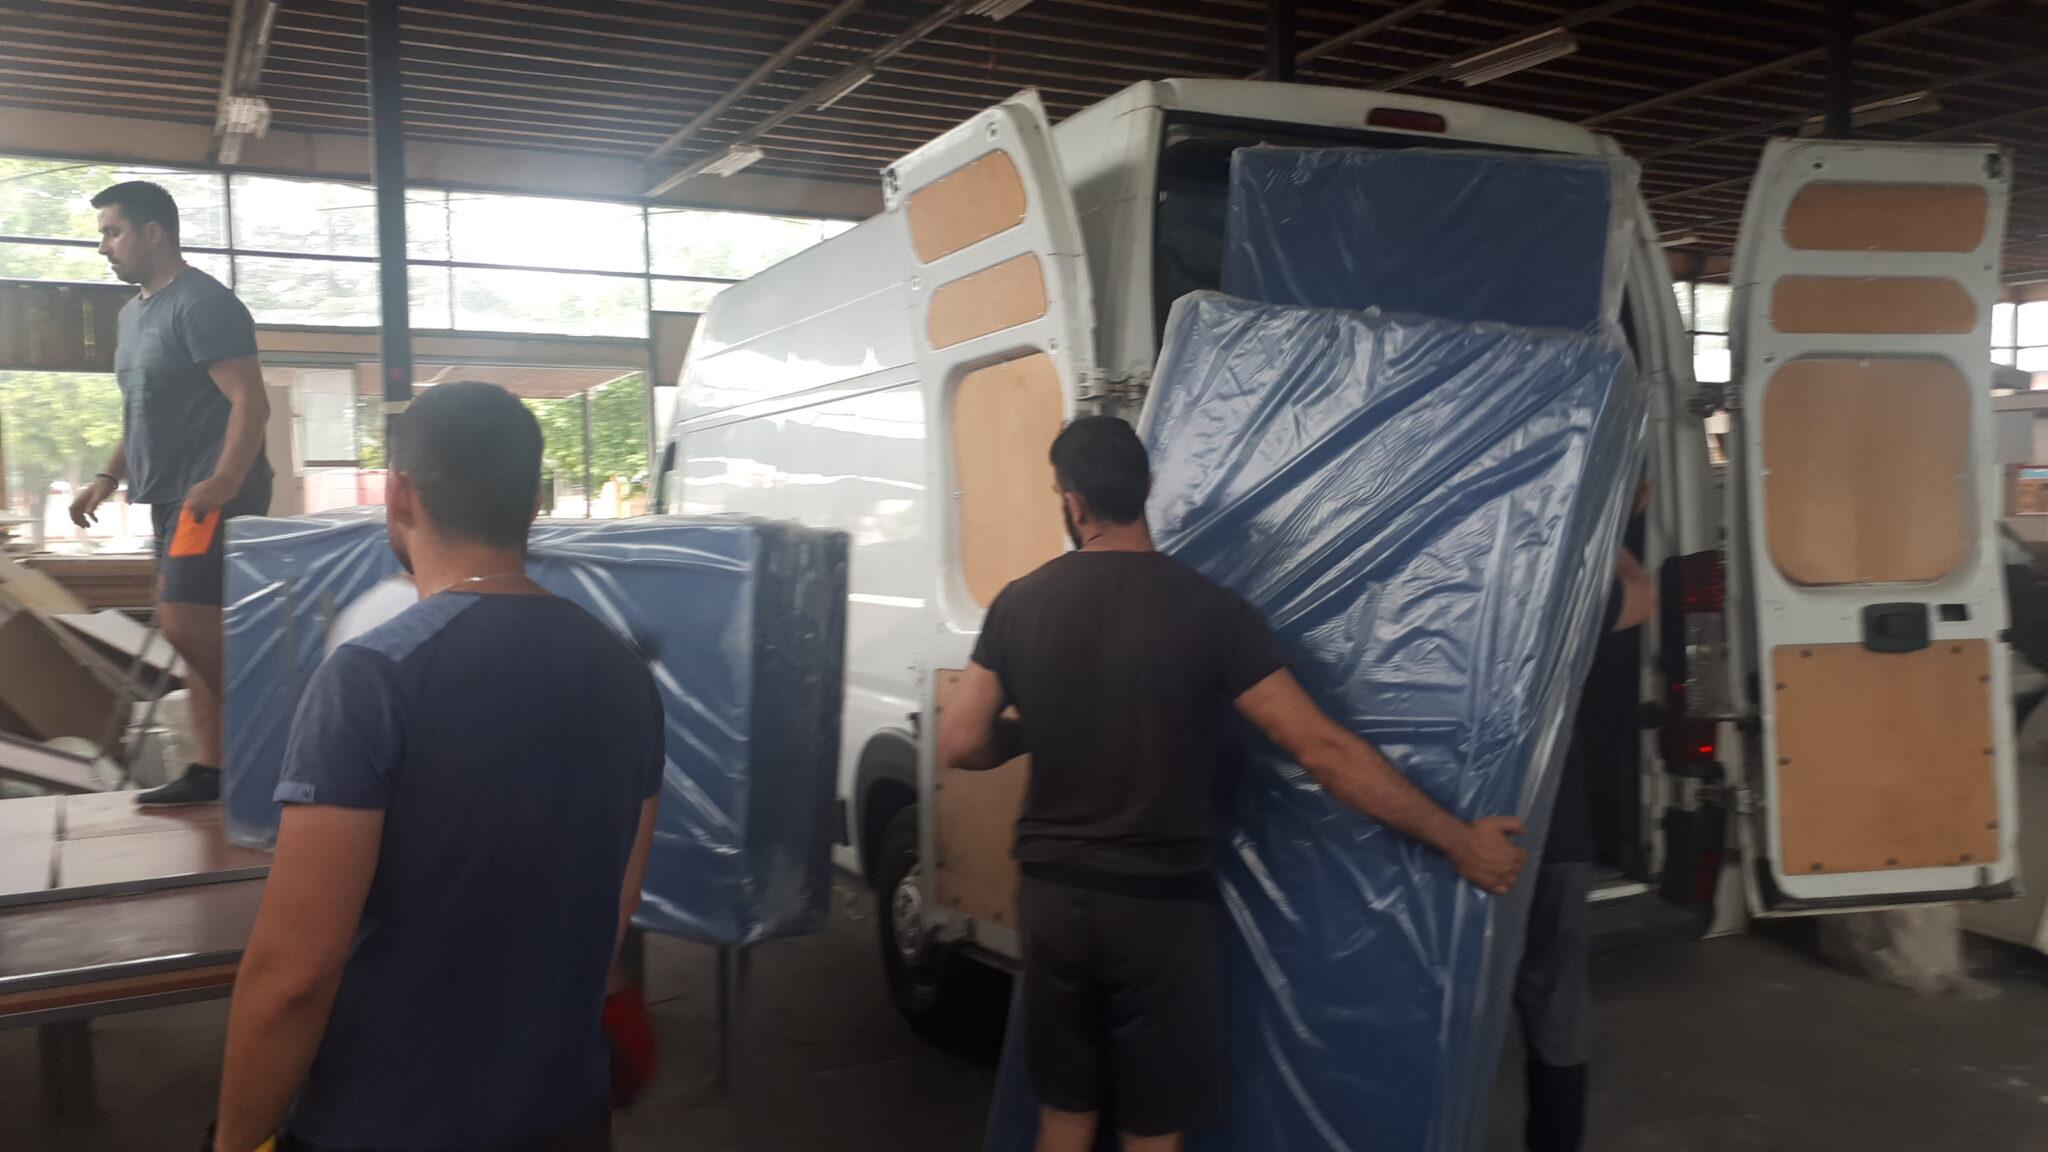 SELIDBE NOVI SAD ~ Agencija za selidbe iz Novog Sada